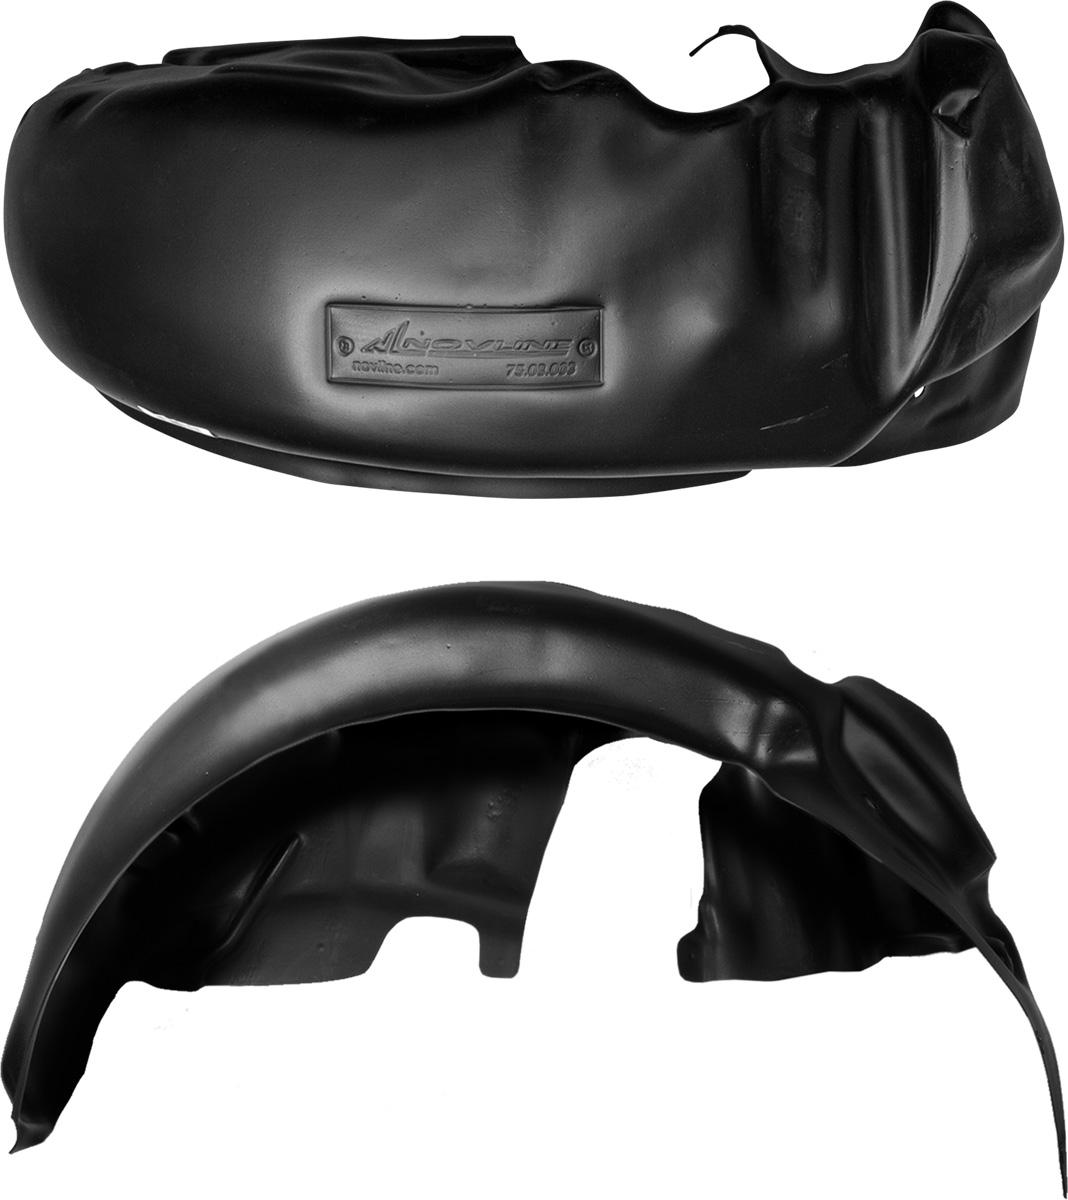 Подкрылок КIА Spectra 2005-2011, задний левыйNLL.25.12.003Колесные ниши – одни из самых уязвимых зон днища вашего автомобиля. Они постоянно подвергаются воздействию со стороны дороги. Лучшая, почти абсолютная защита для них - специально отформованные пластиковые кожухи, которые называются подкрылками, или локерами. Производятся они как для отечественных моделей автомобилей, так и для иномарок. Подкрылки выполнены из высококачественного, экологически чистого пластика. Обеспечивают надежную защиту кузова автомобиля от пескоструйного эффекта и негативного влияния, агрессивных антигололедных реагентов. Пластик обладает более низкой теплопроводностью, чем металл, поэтому в зимний период эксплуатации использование пластиковых подкрылков позволяет лучше защитить колесные ниши от налипания снега и образования наледи. Оригинальность конструкции подчеркивает элегантность автомобиля, бережно защищает нанесенное на днище кузова антикоррозийное покрытие и позволяет осуществить крепление подкрылков внутри колесной арки практически без дополнительного крепежа и сверления, не нарушая при этом лакокрасочного покрытия, что предотвращает возникновение новых очагов коррозии. Технология крепления подкрылков на иномарки принципиально отличается от крепления на российские автомобили и разрабатывается индивидуально для каждой модели автомобиля. Подкрылки долговечны, обладают высокой прочностью и сохраняют заданную форму, а также все свои физико-механические характеристики в самых тяжелых климатических условиях ( от -50° С до + 50° С).